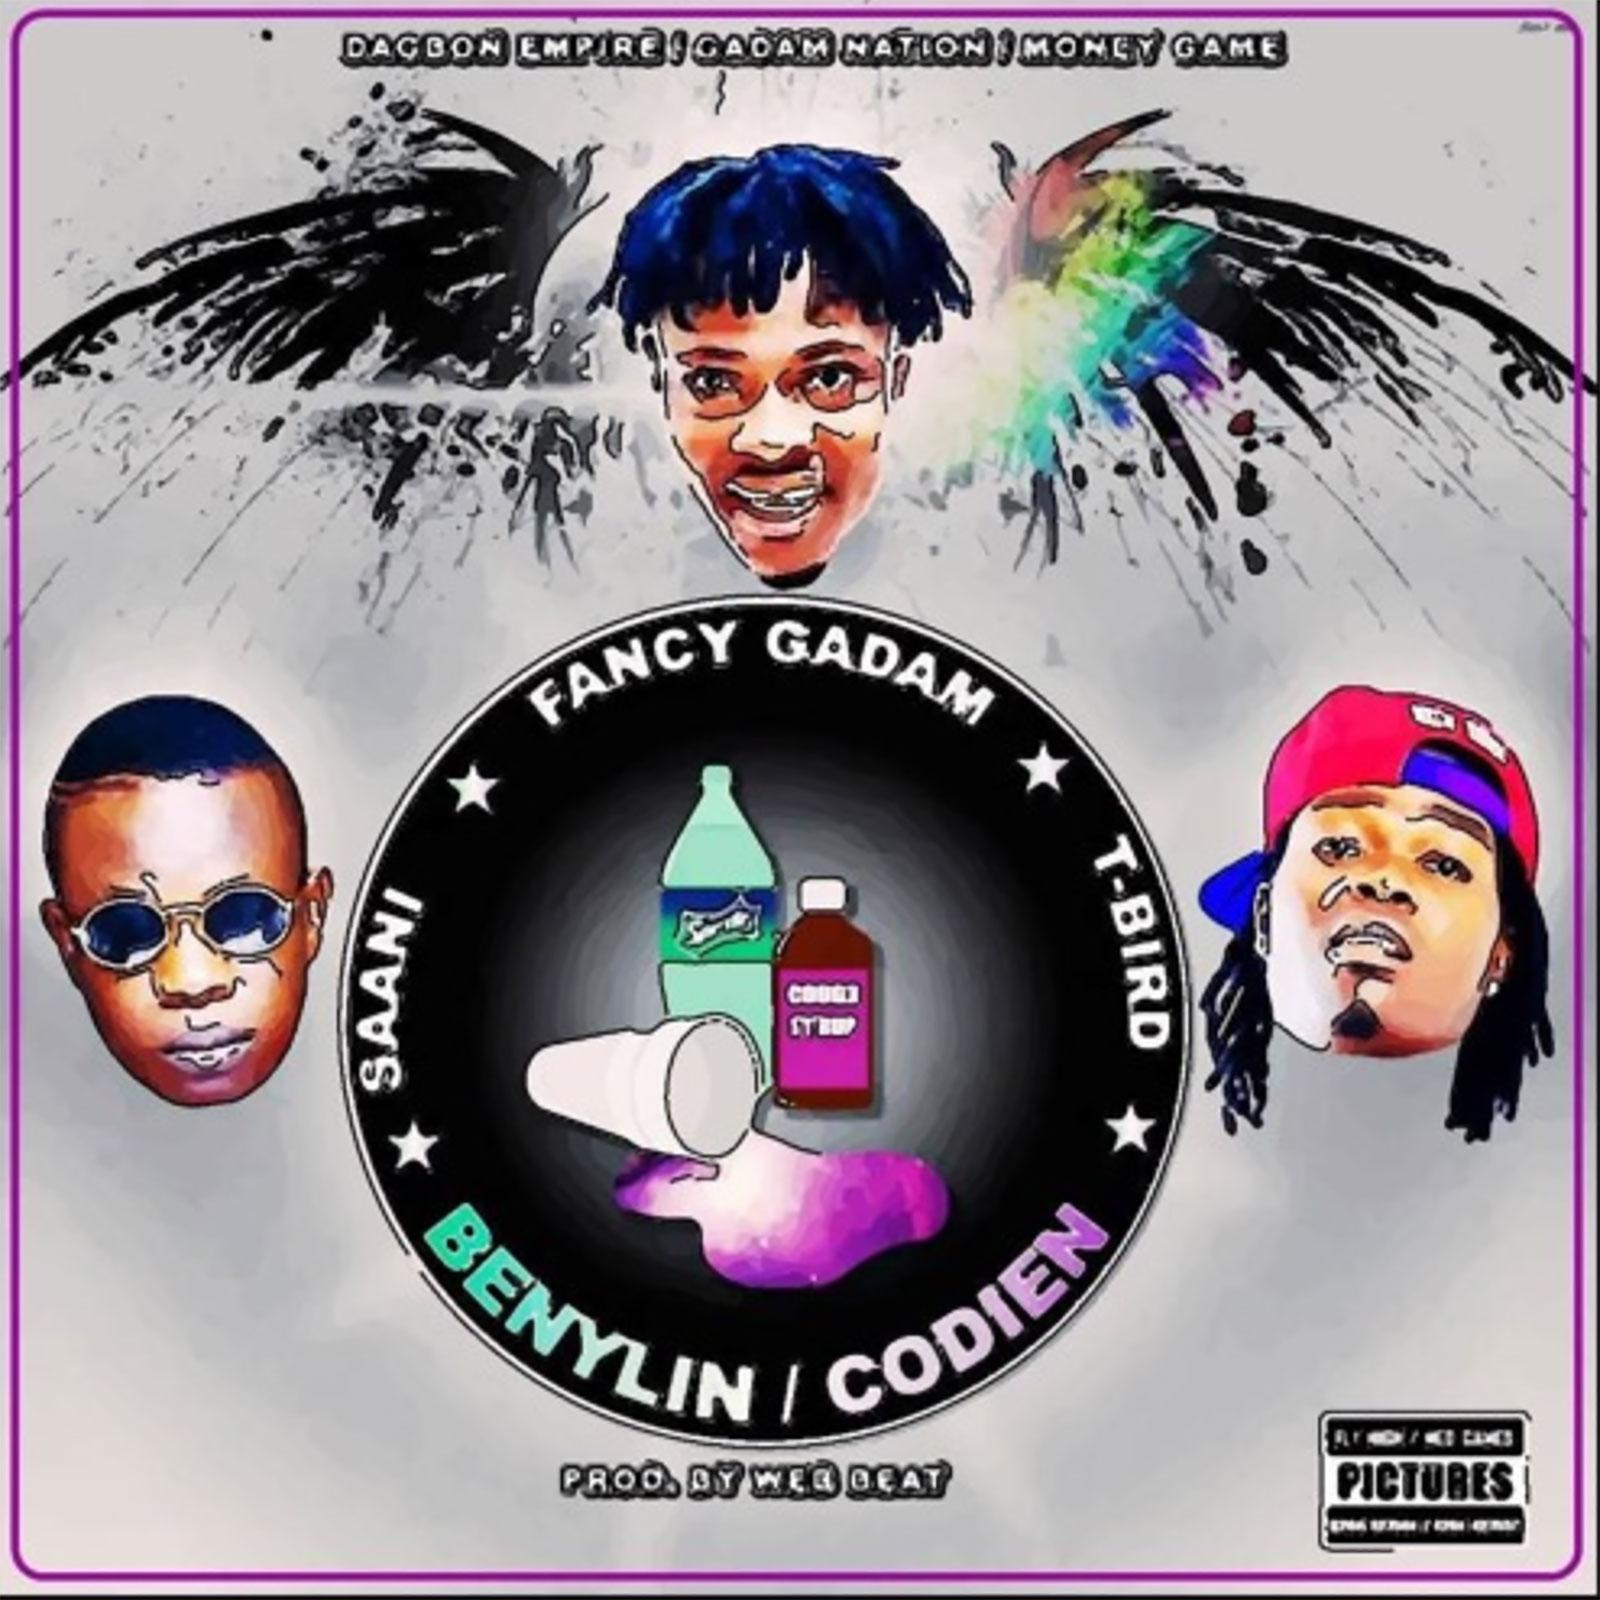 Benylin / Codien by Sanni feat. Fancy Gadam & T-Bird